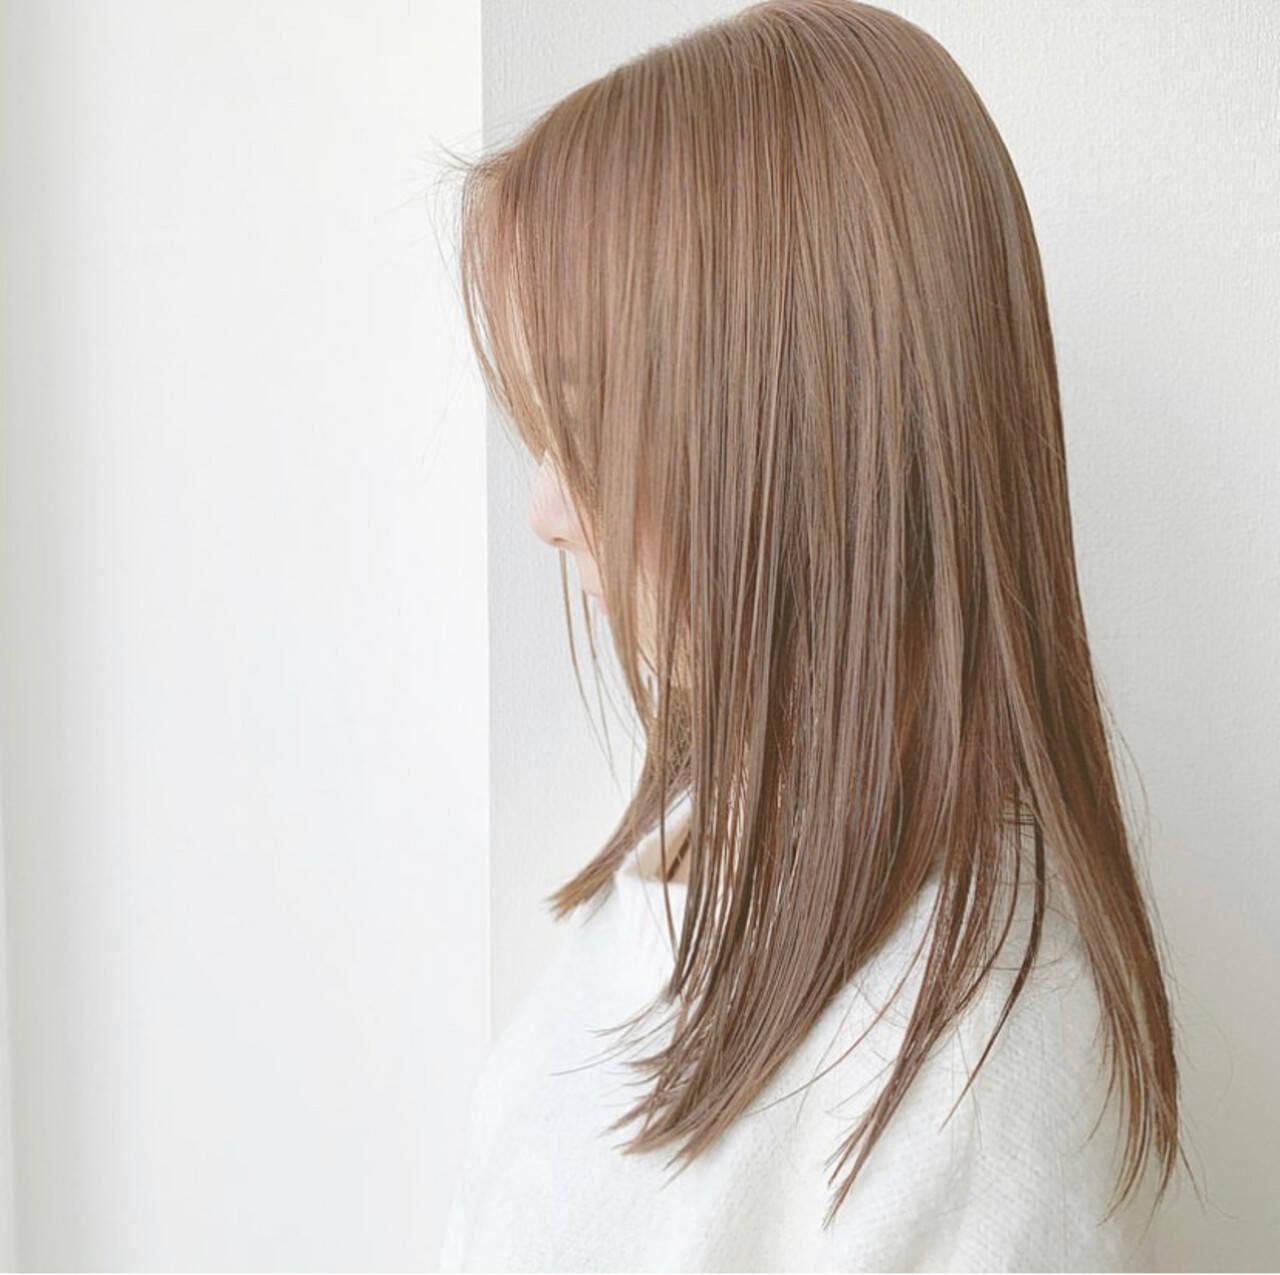 セミロング ナチュラルベージュ 可愛い フェミニンヘアスタイルや髪型の写真・画像